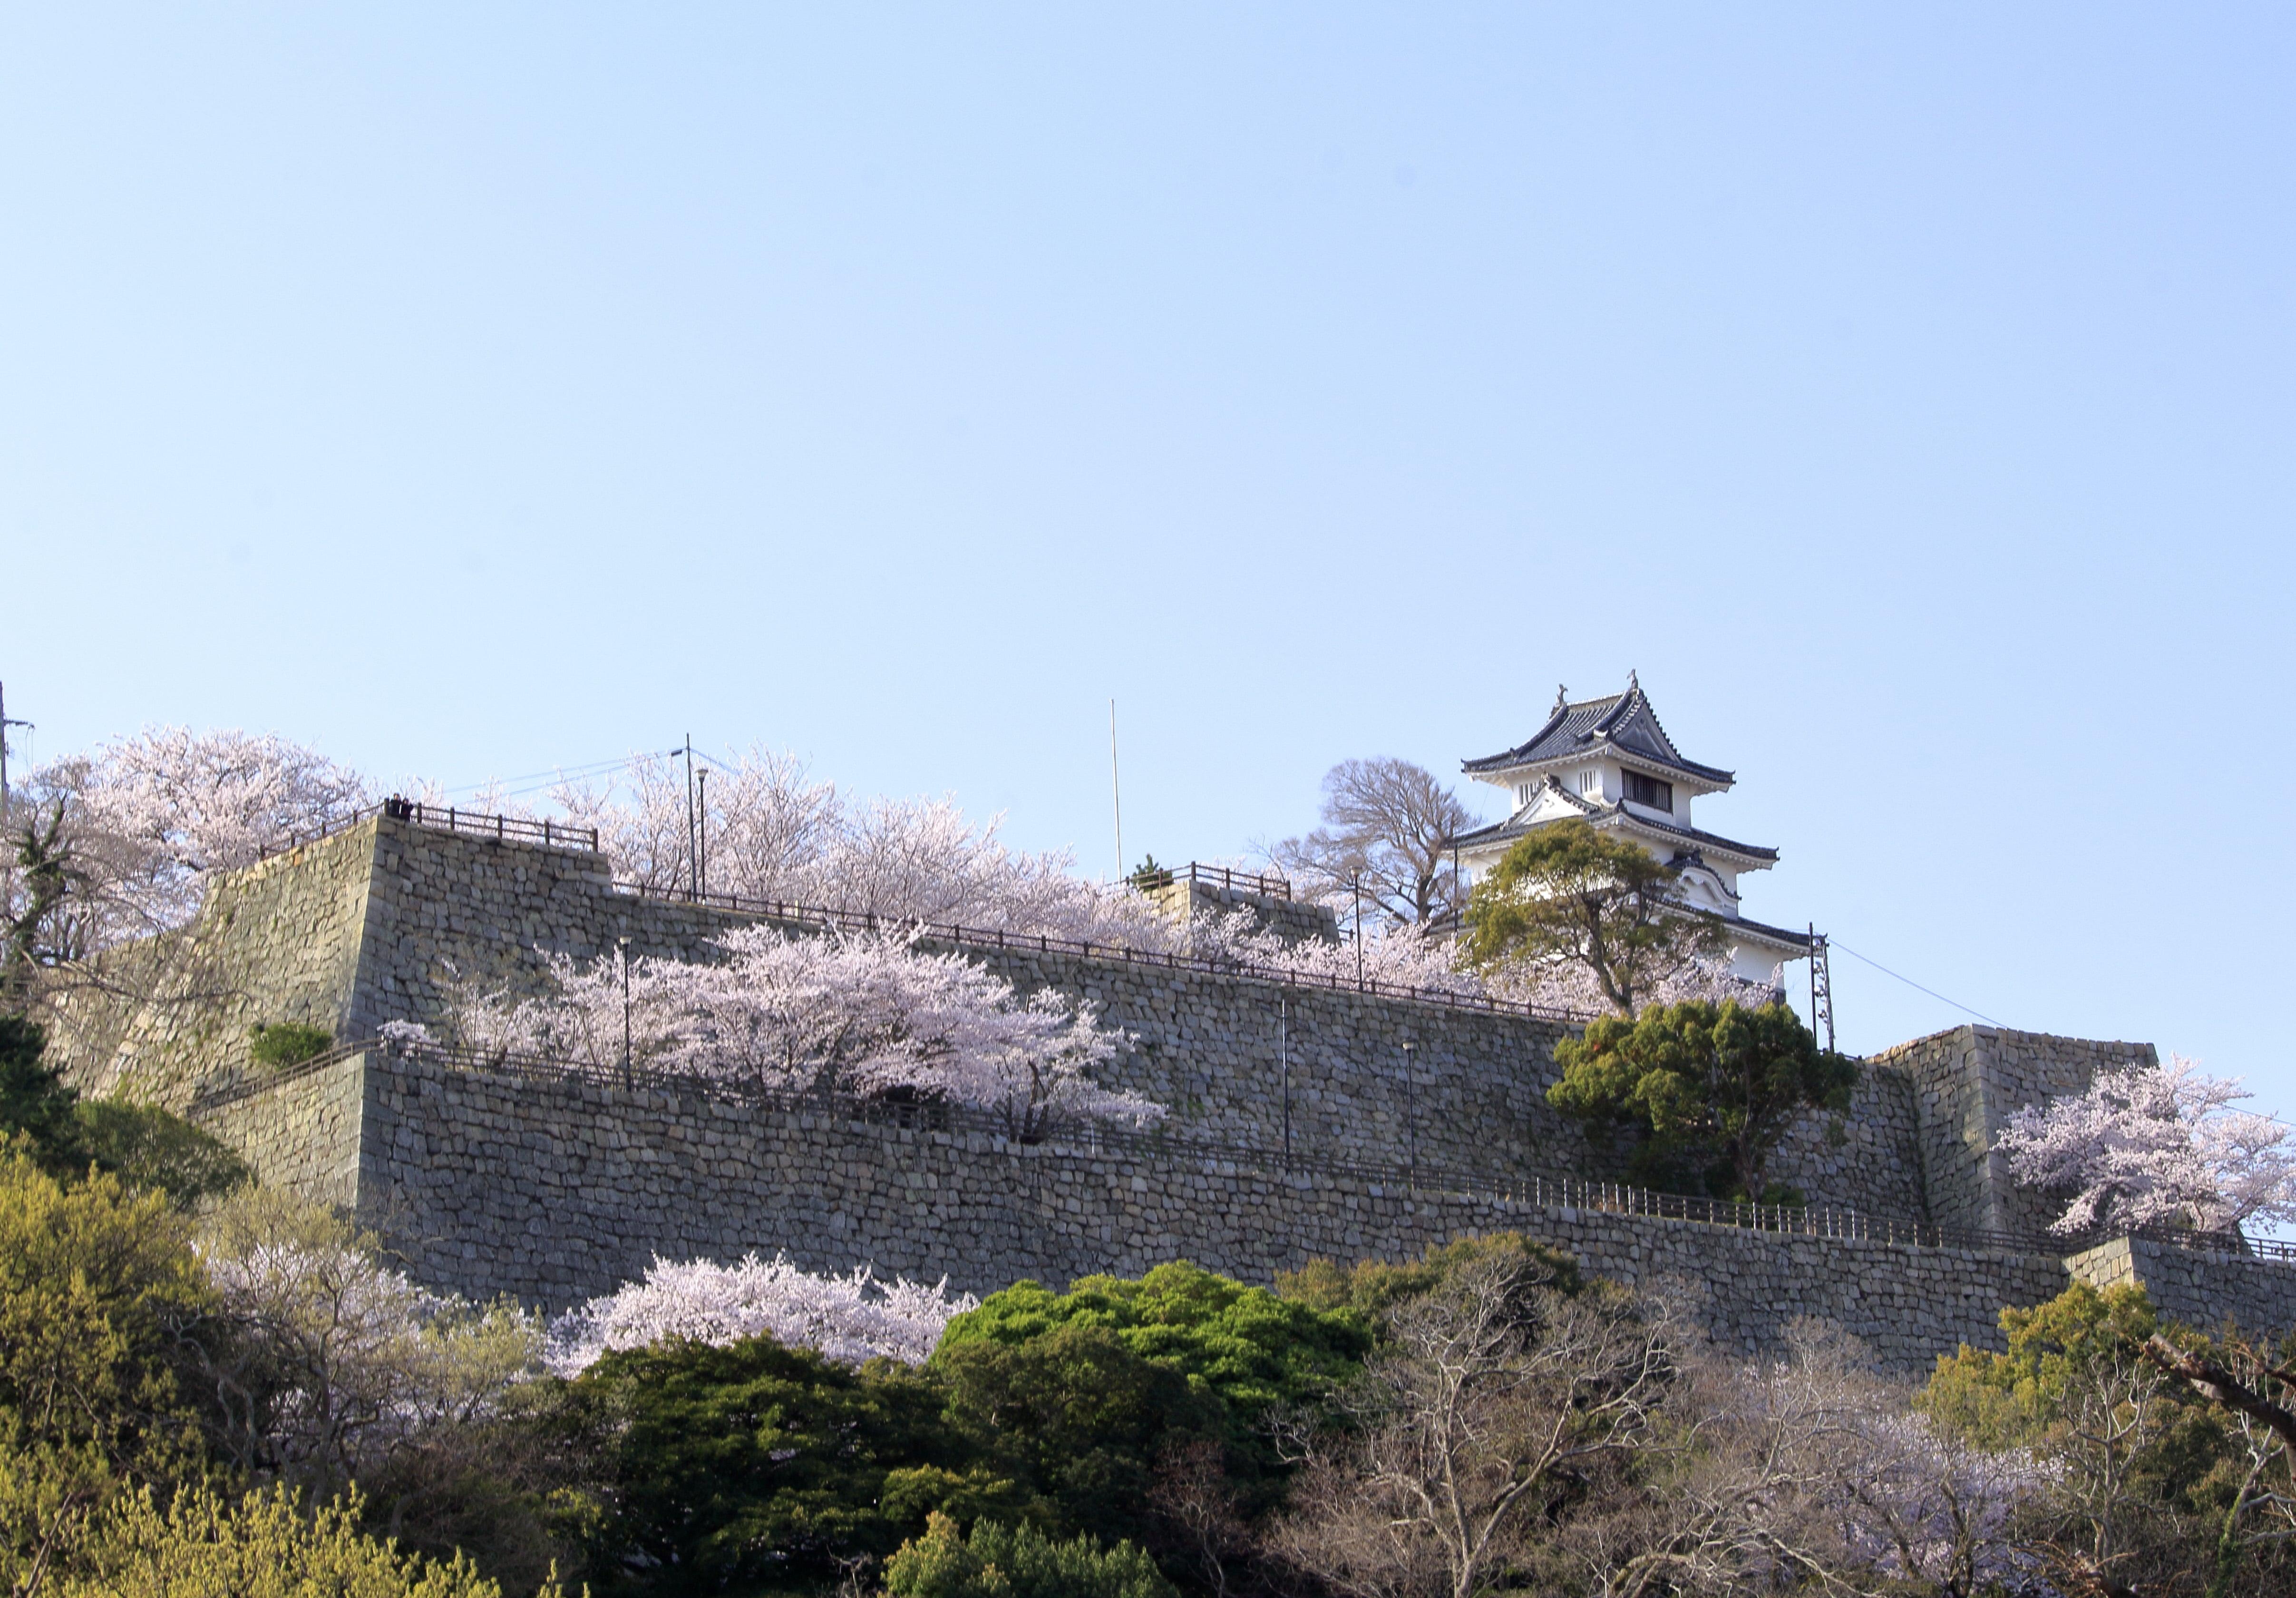 香川県高松市 香川縣高松市 Takamatsu City, Kagawa Prefecture_5